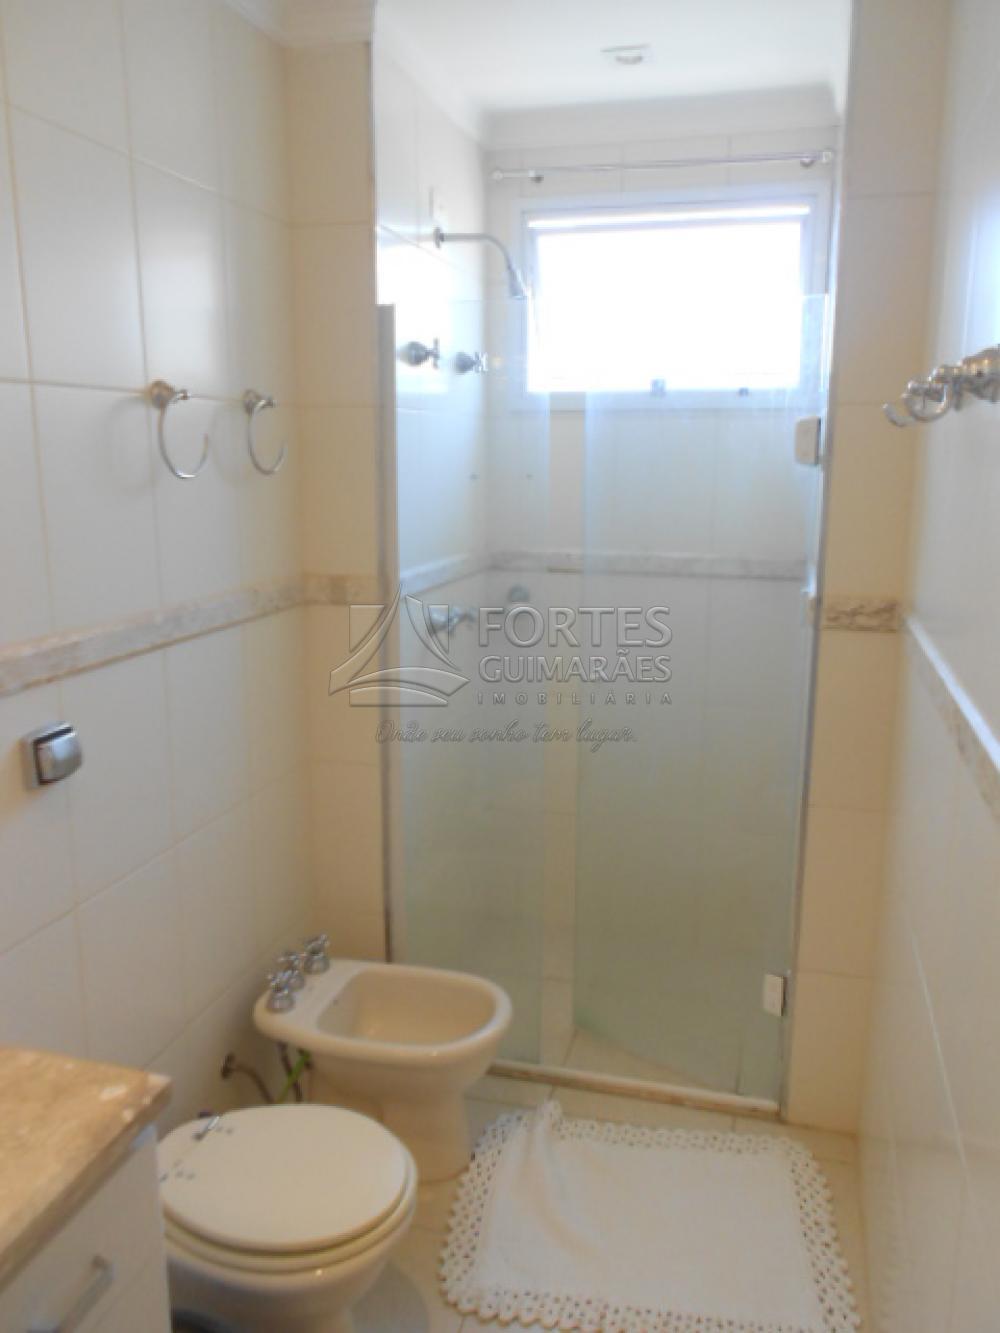 Alugar Apartamentos / Padrão em Ribeirão Preto apenas R$ 5.000,00 - Foto 37